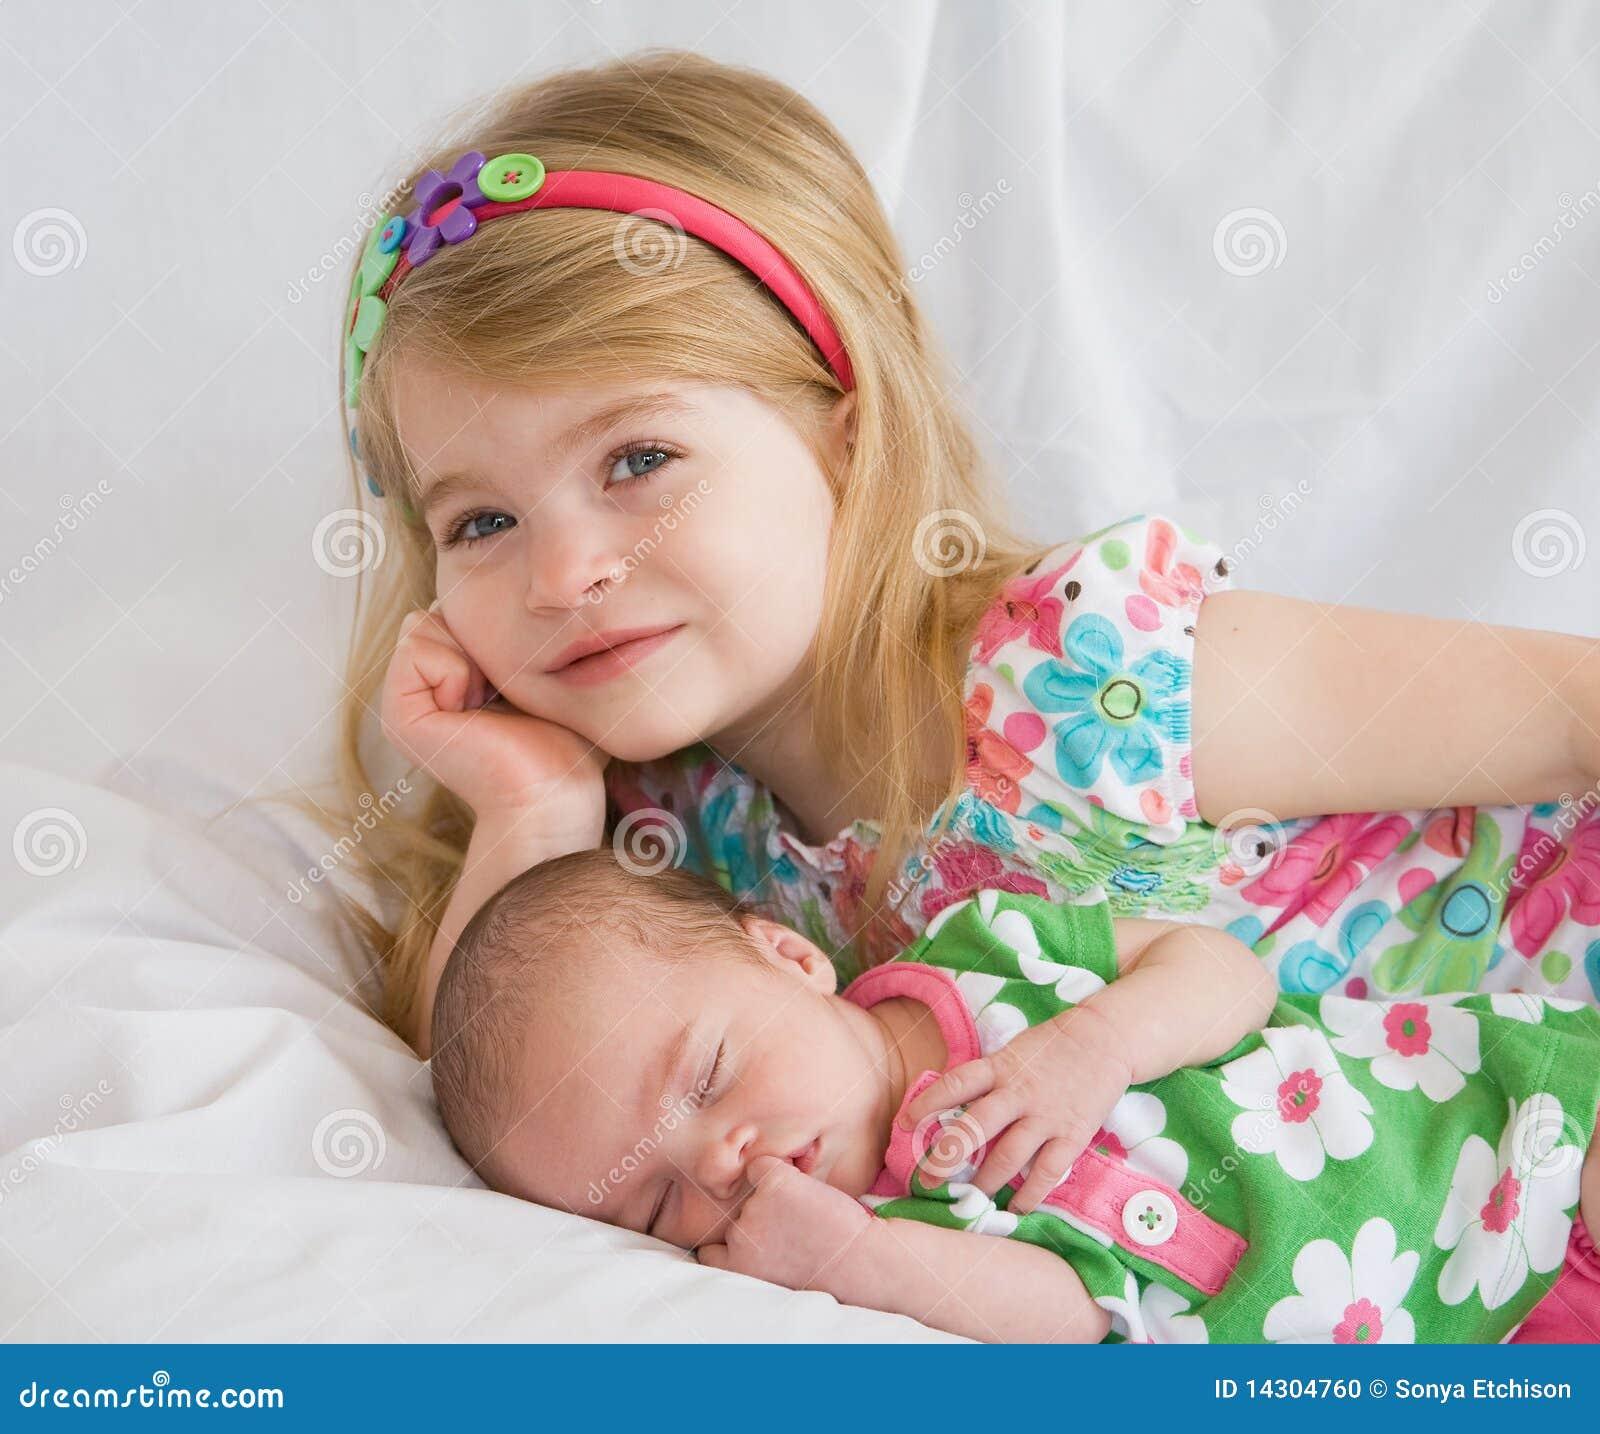 Я и моя маленькая сестричка 18 фотография